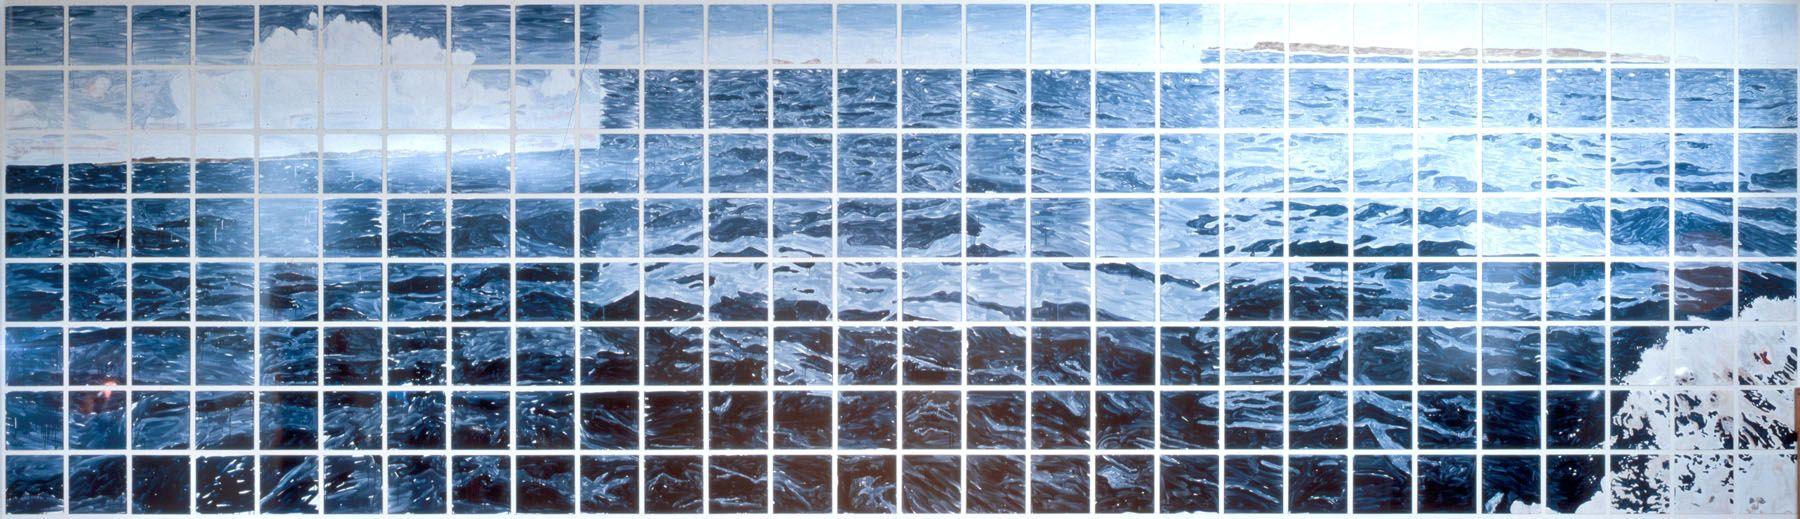 Water is Best Locks Gallery Jennifer Bartlett Atlantic Ocean